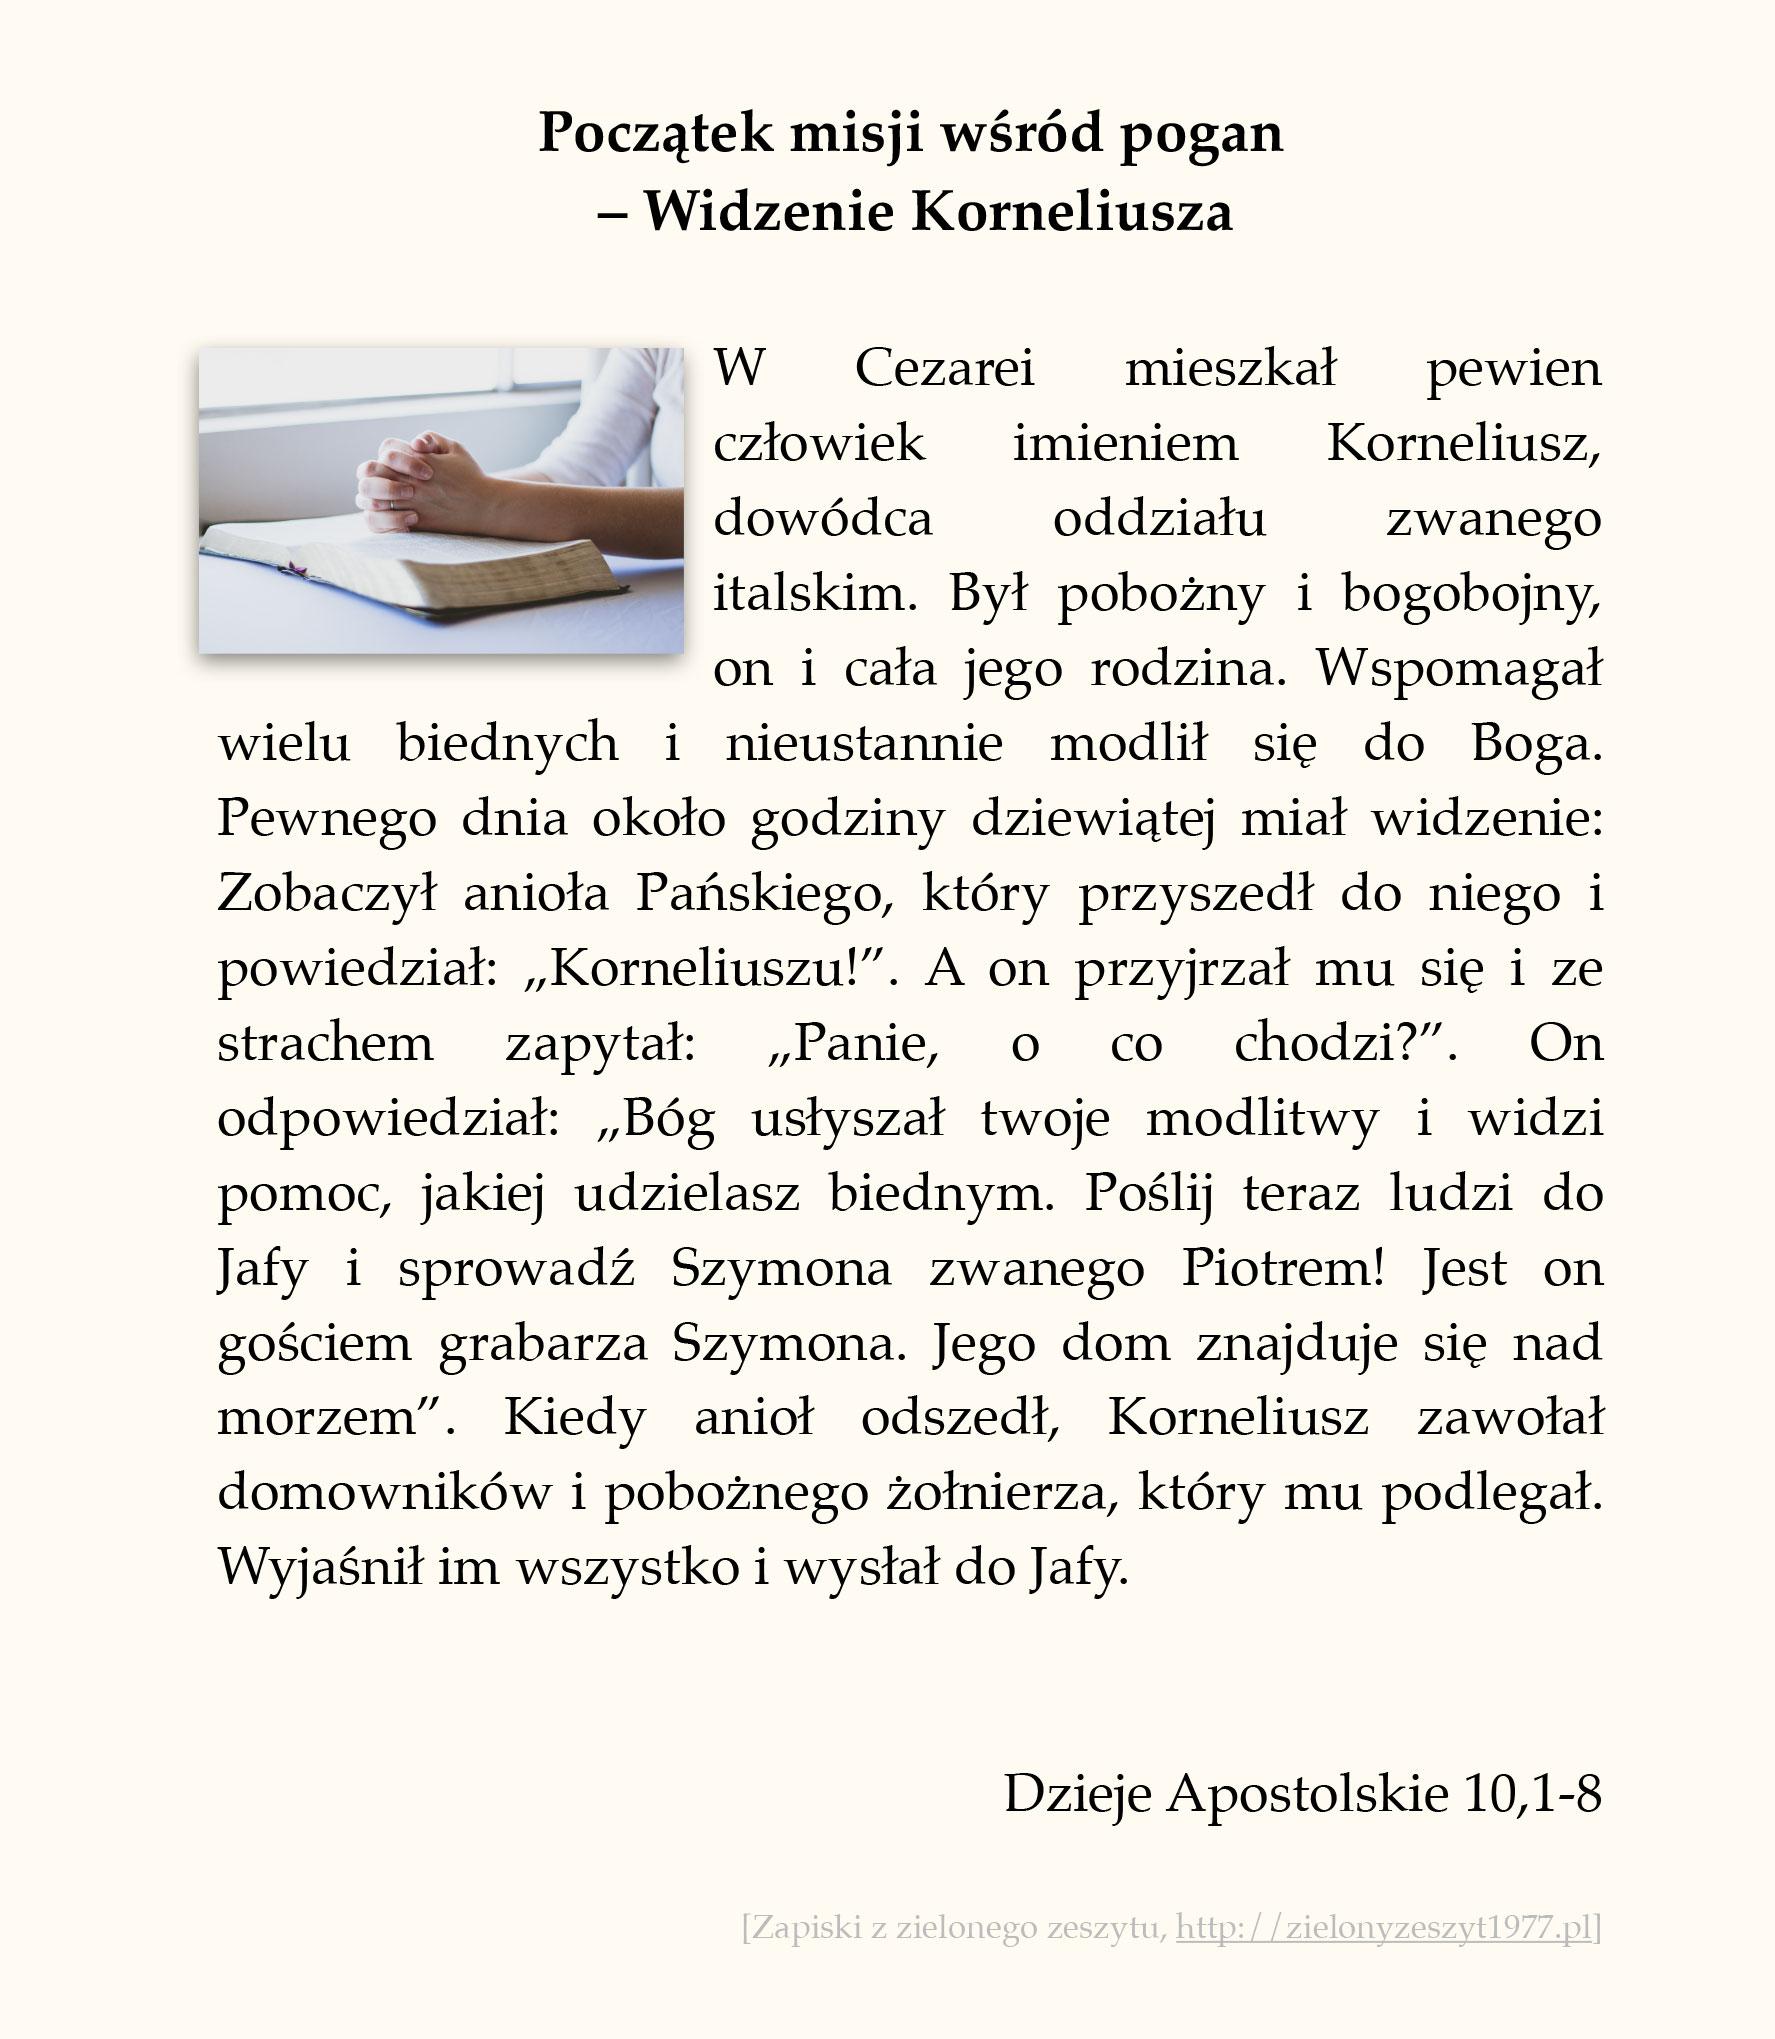 Początek misji wśród pogan - Widzenie Korneliusza; Dzieje Apostolskie (#45)